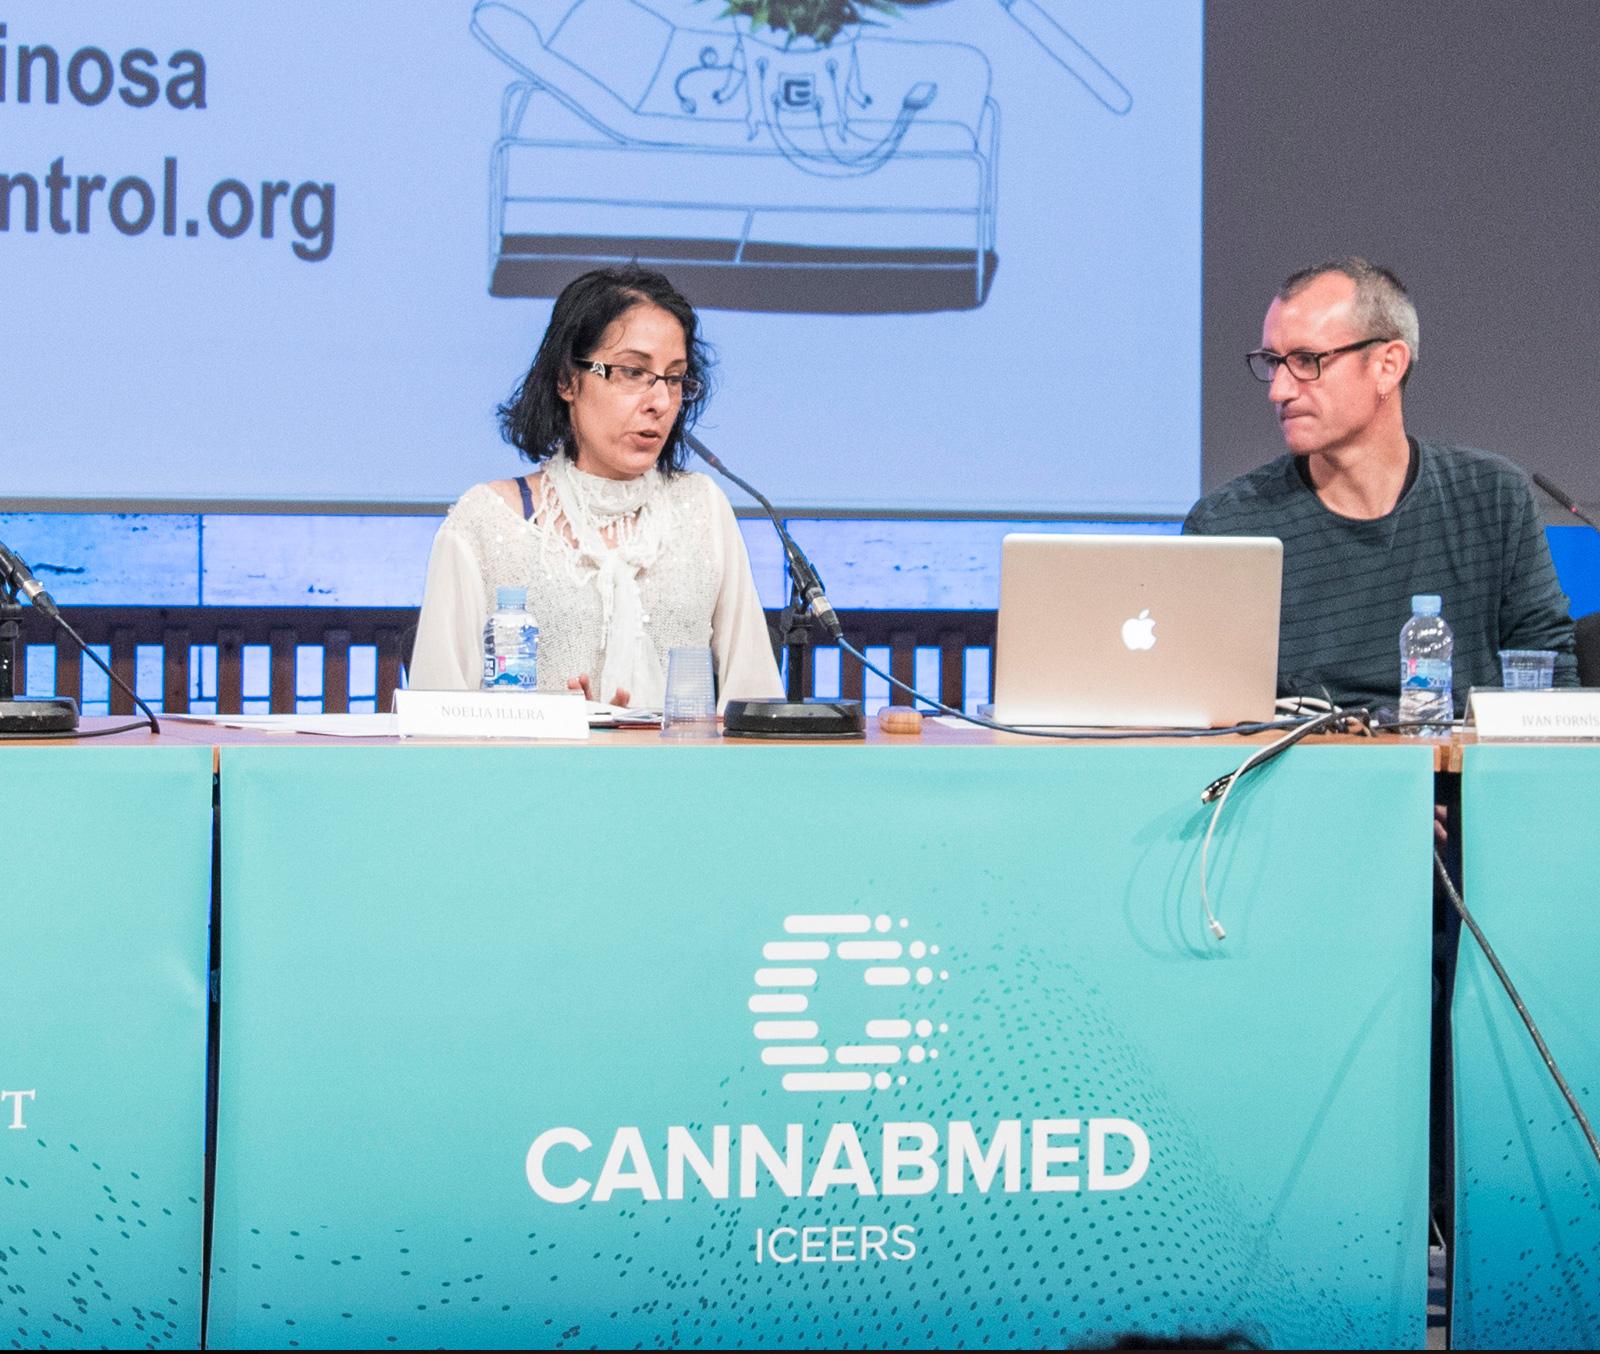 cannabis medicinal Cannabmed podcast Congreso CANNABMED 2018